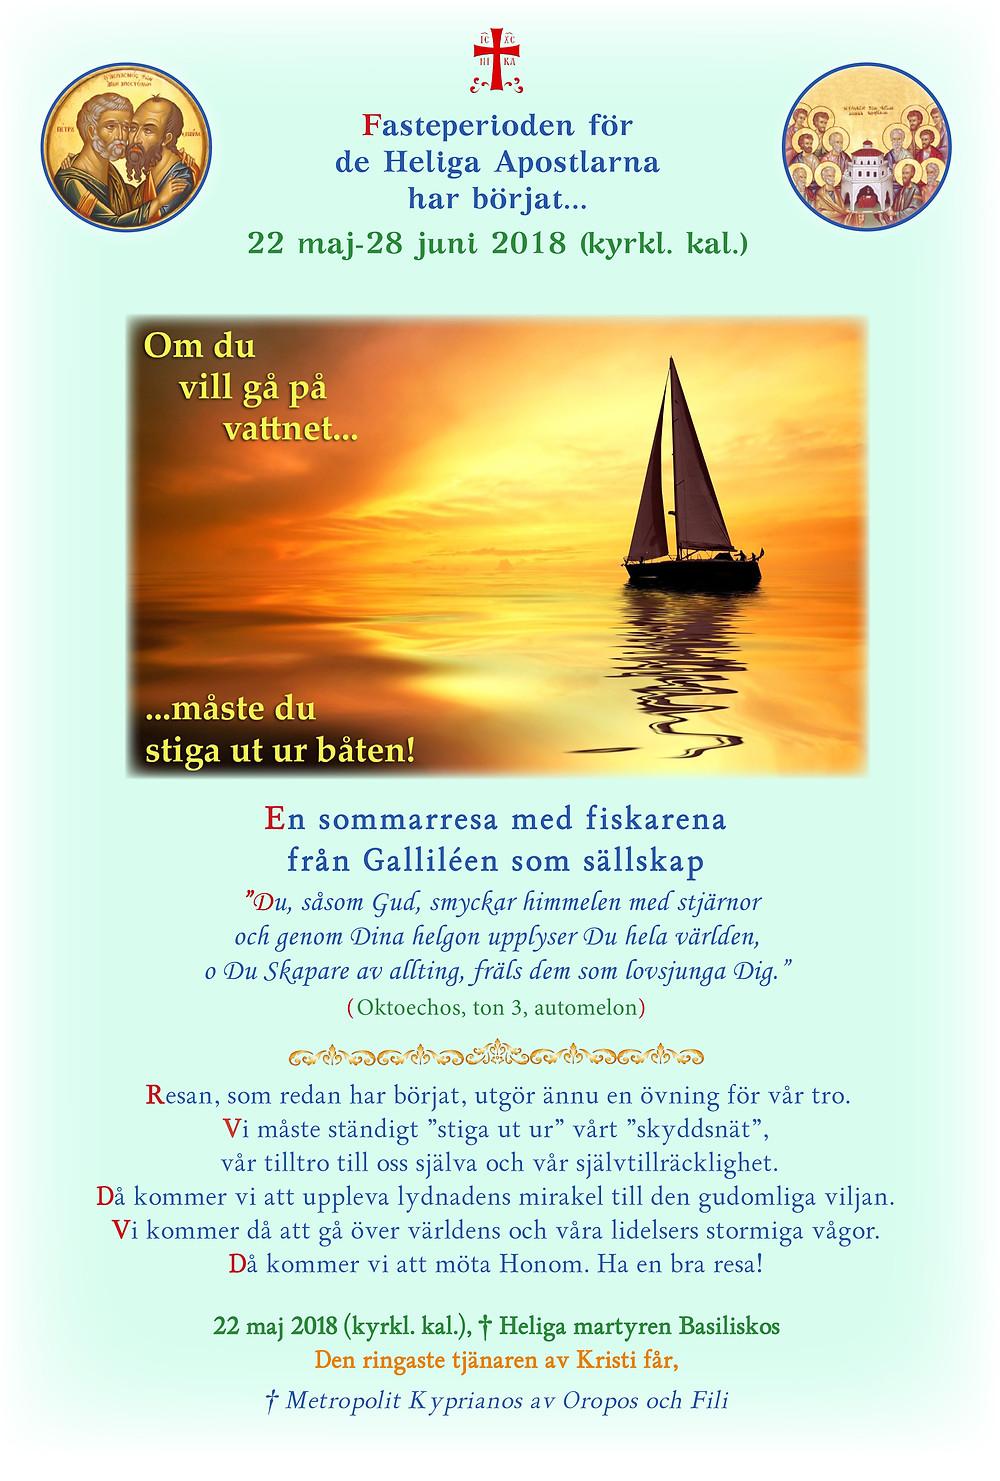 Meddelande från Metropolit Kyprianos för Apostlafastan 2018